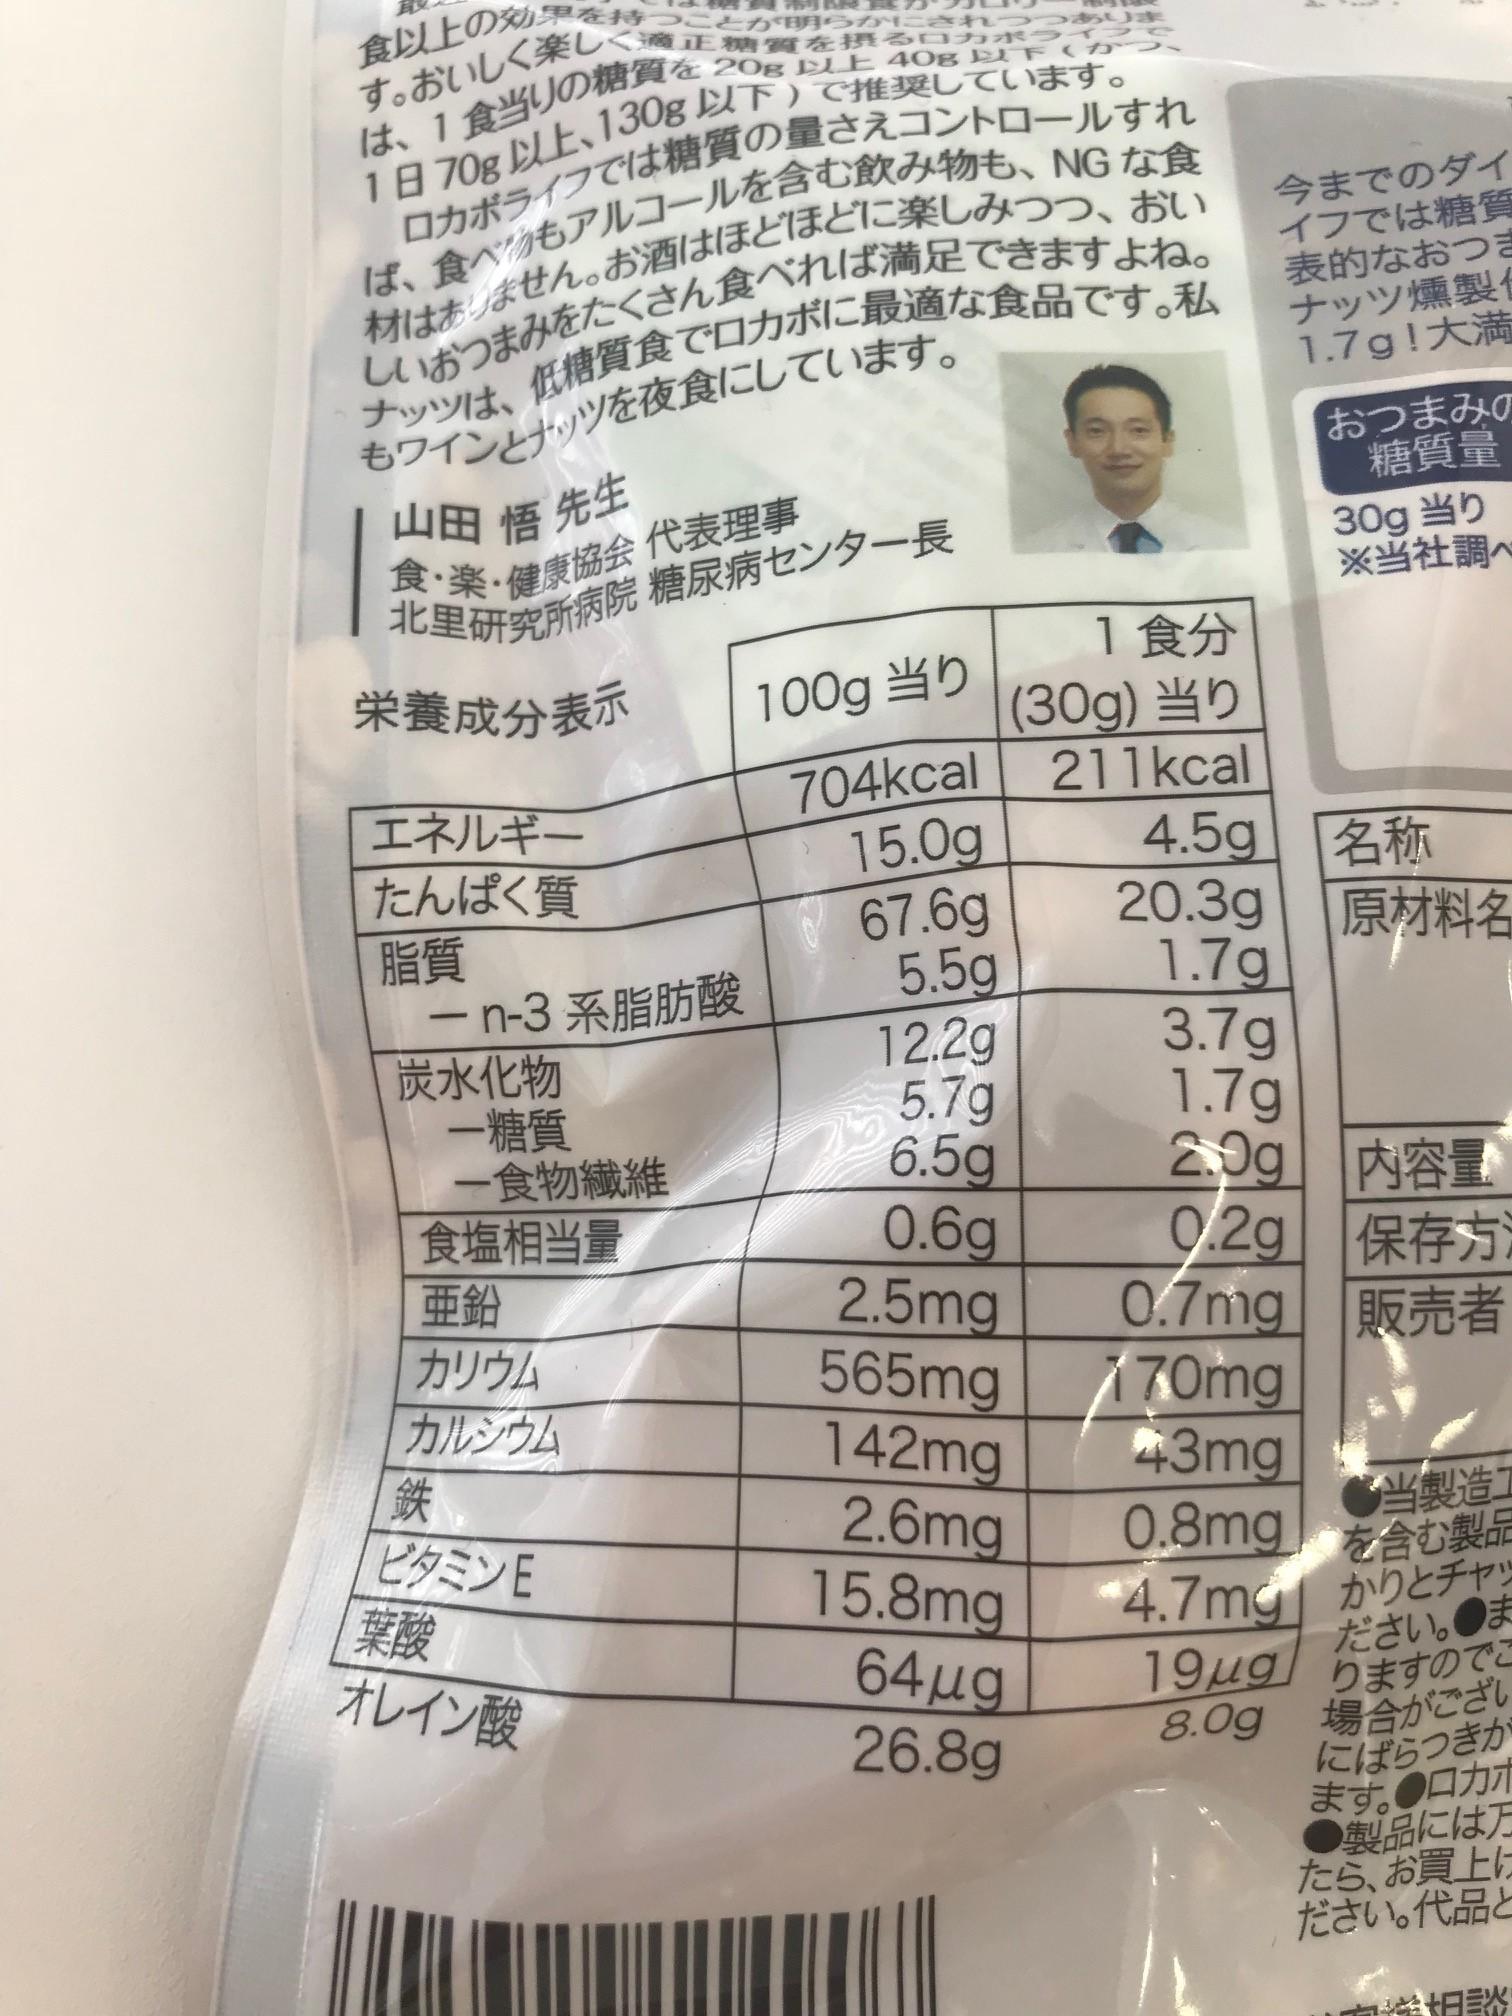 ロカボナッツ燻製仕込みの栄養成分表